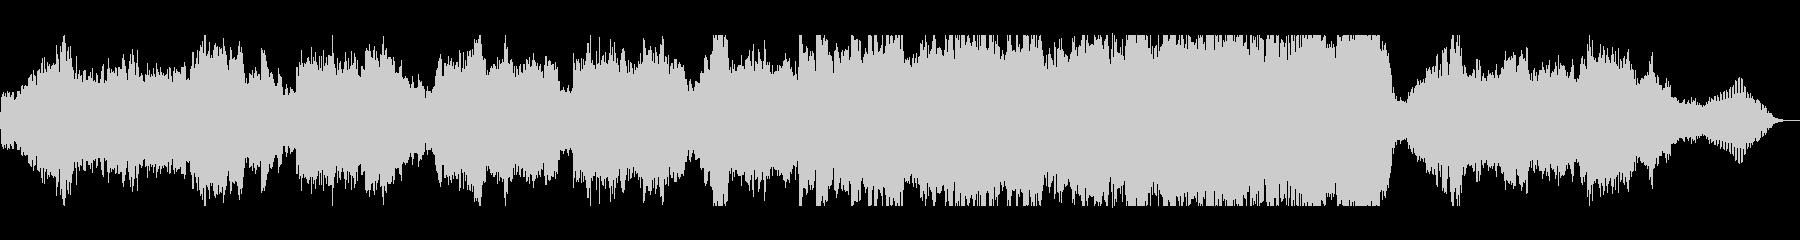 バイオリンとピアノのプレリュードの未再生の波形